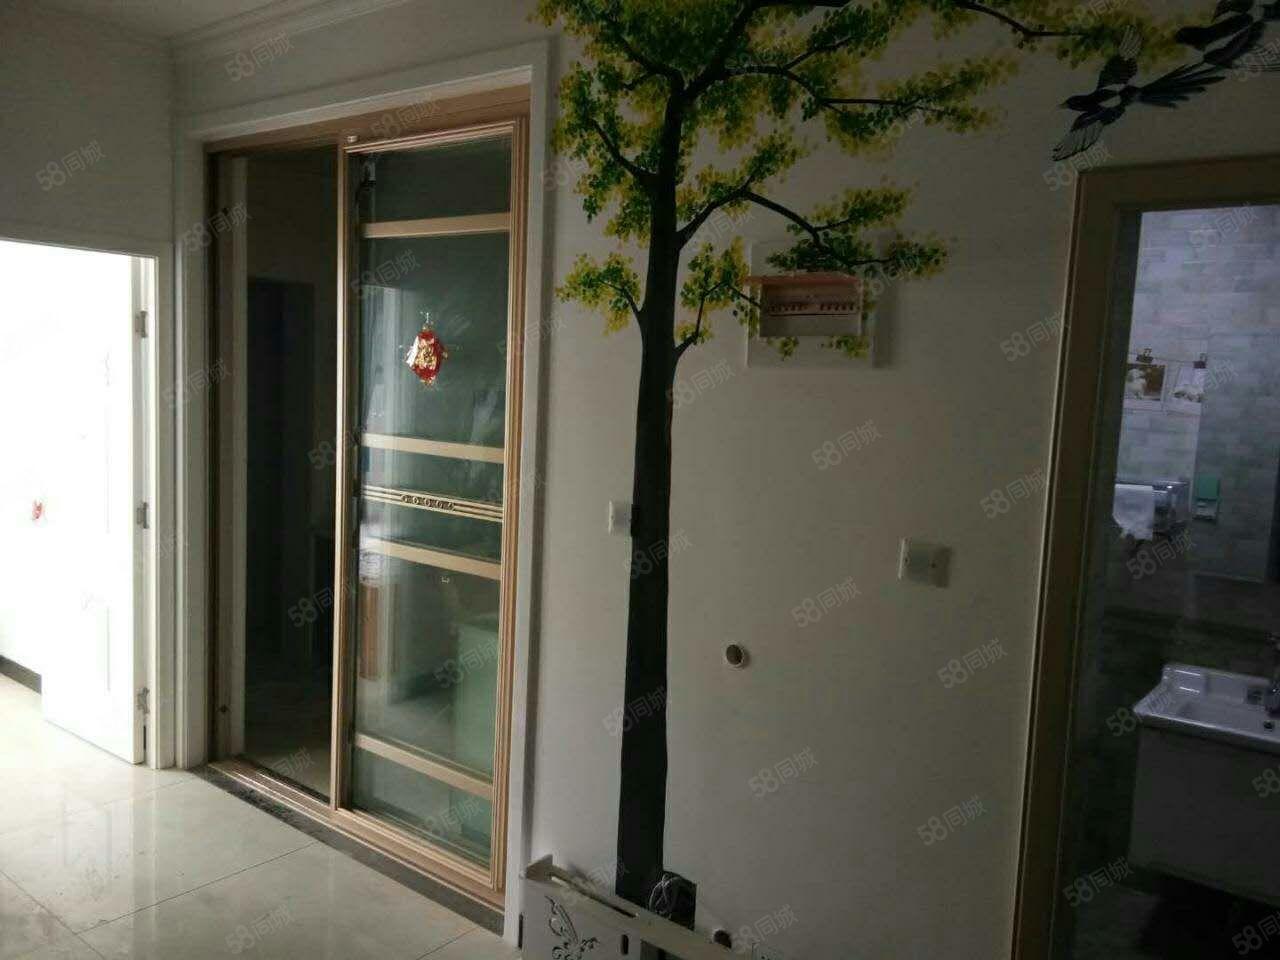 樂居房產水榭花都精裝一室一廳房